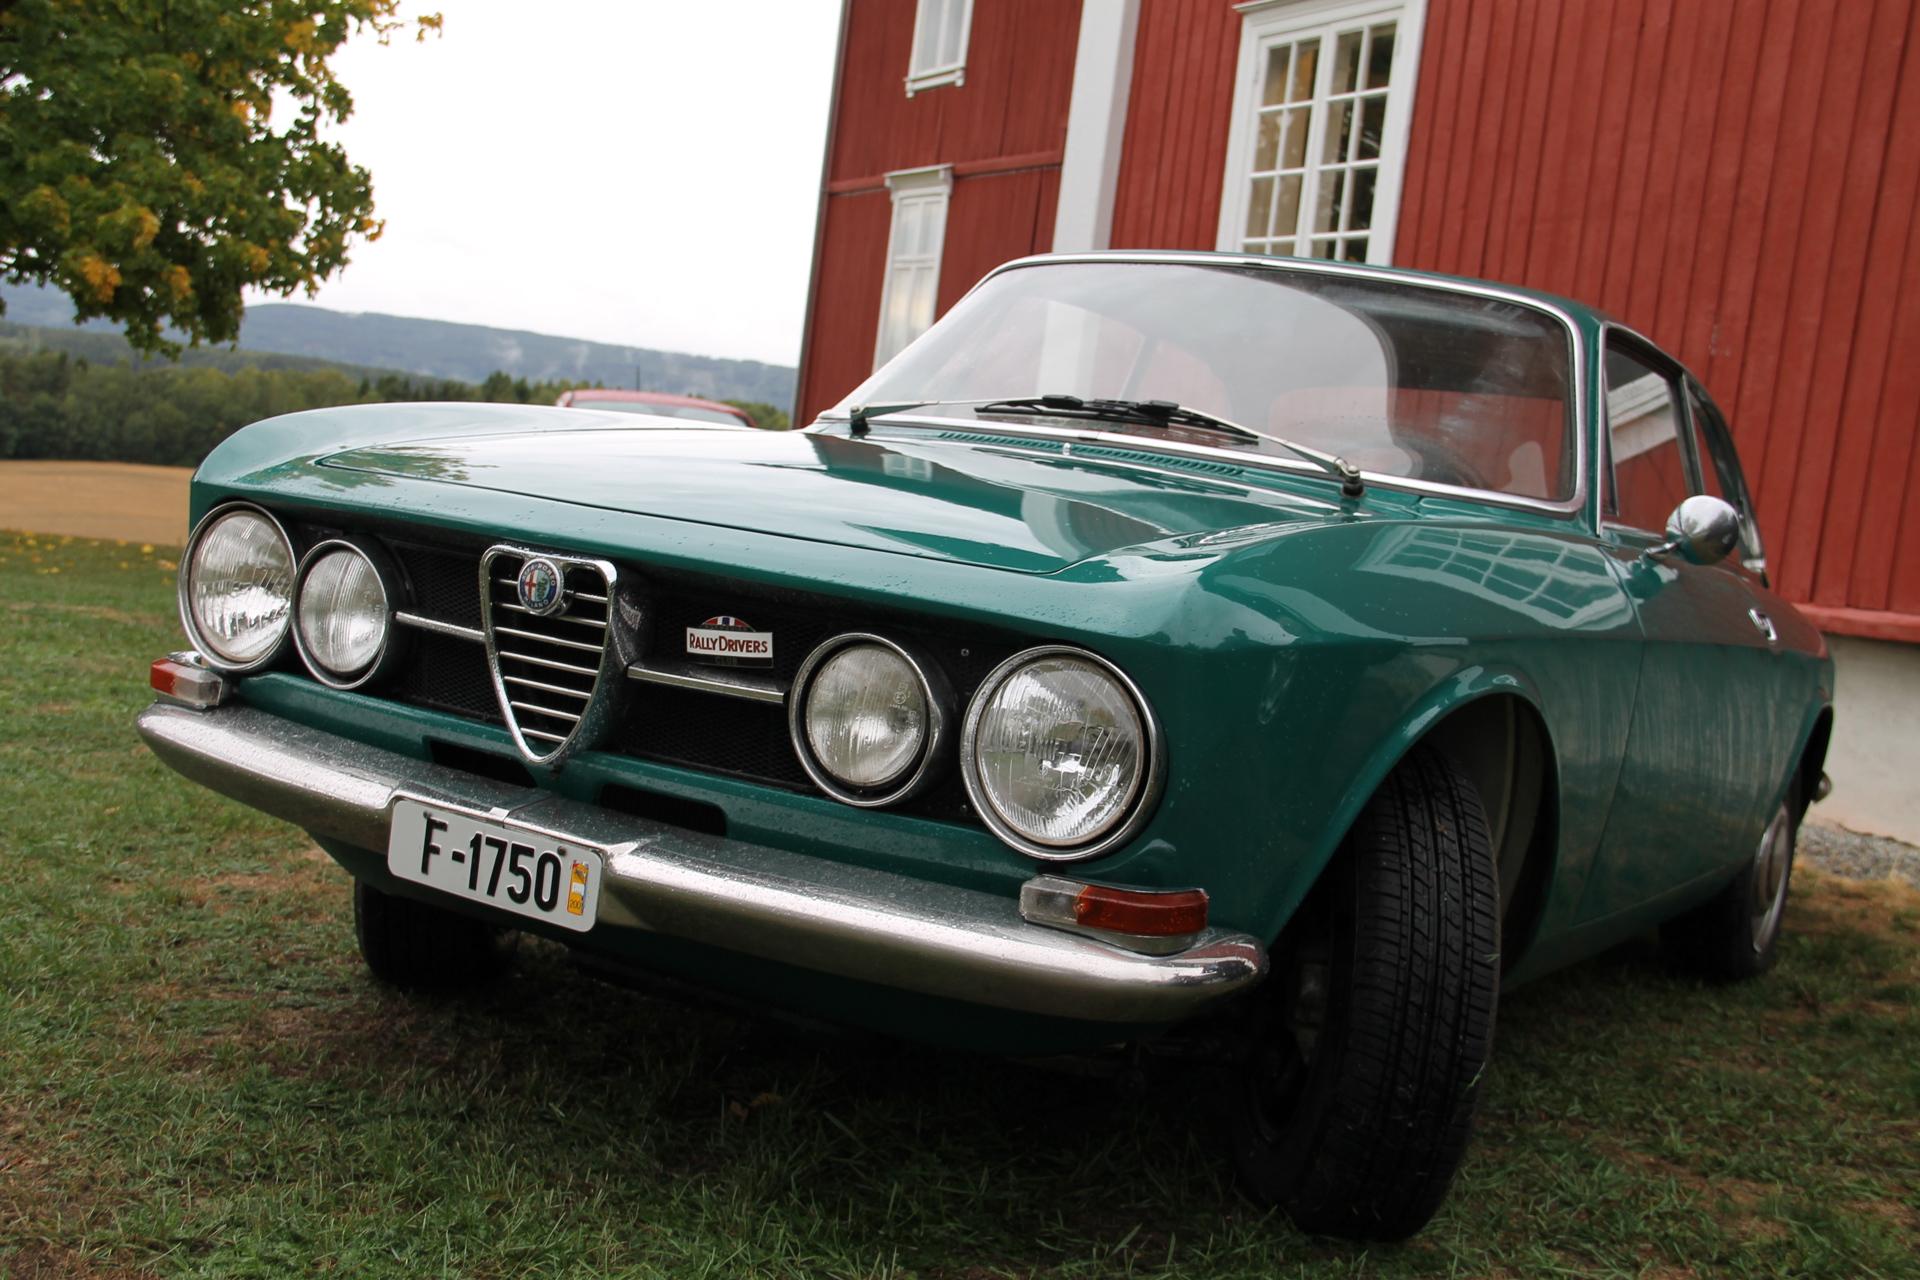 Bertone f1750 (3).JPG